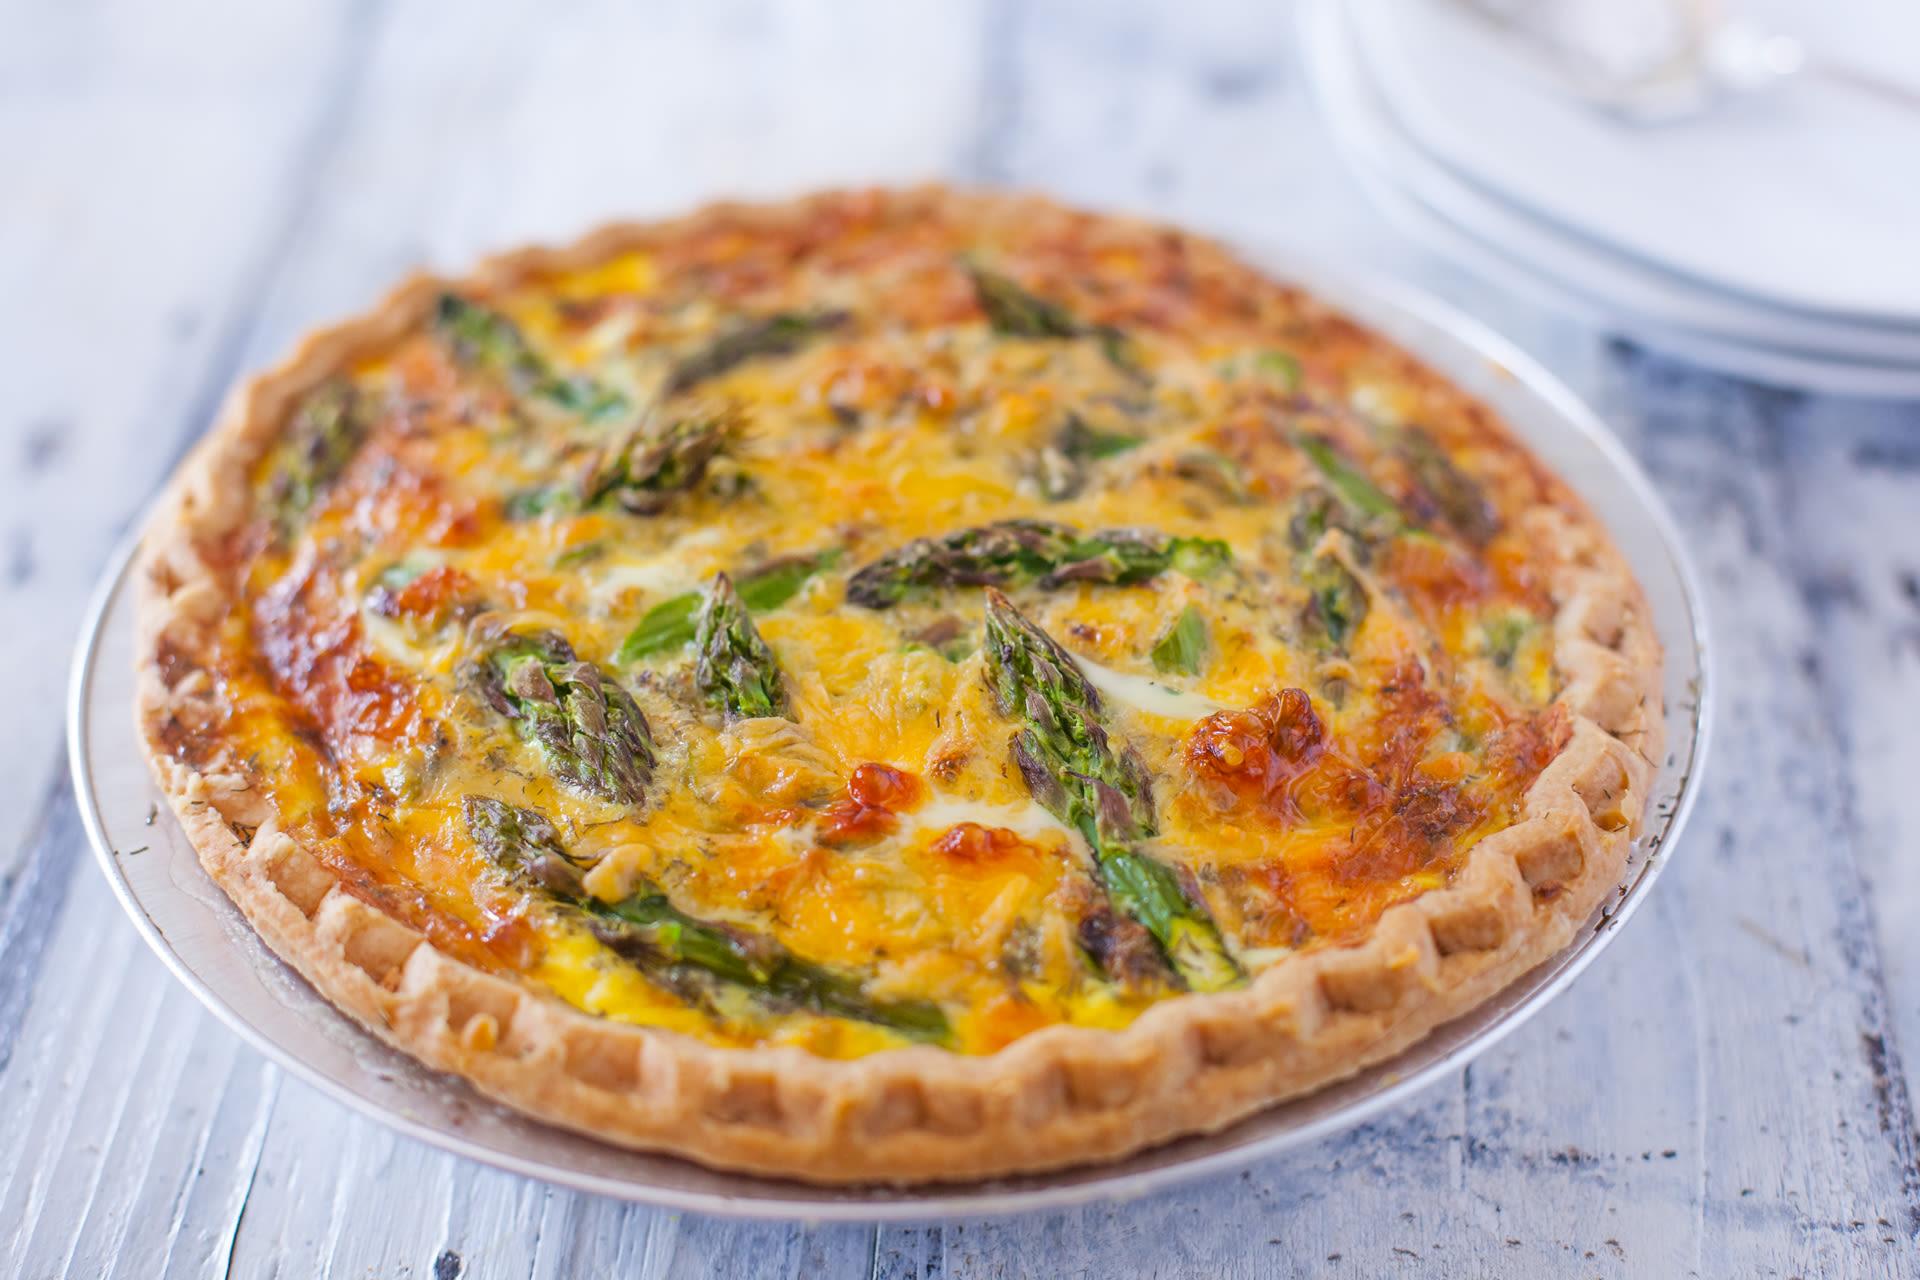 Asparagus cheddar quiche recipe genius kitchen forumfinder Images